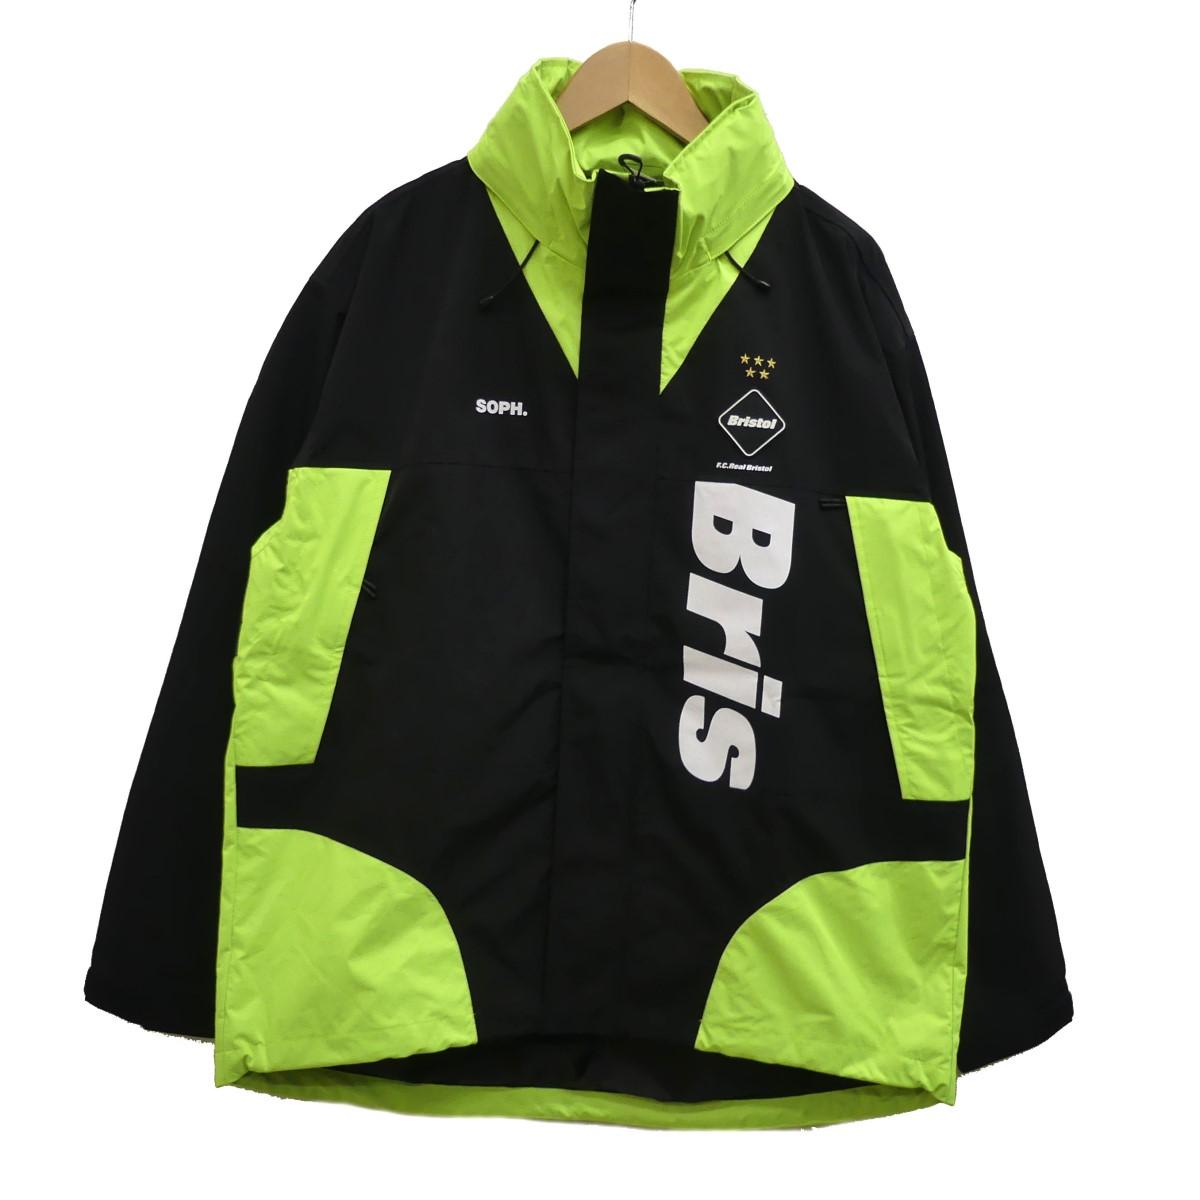 【中古】F.C.R.B. 20SS TOUR JACKET ツアージャケット イエロー×ブラック サイズ:L 【200420】(エフシーアールビー)